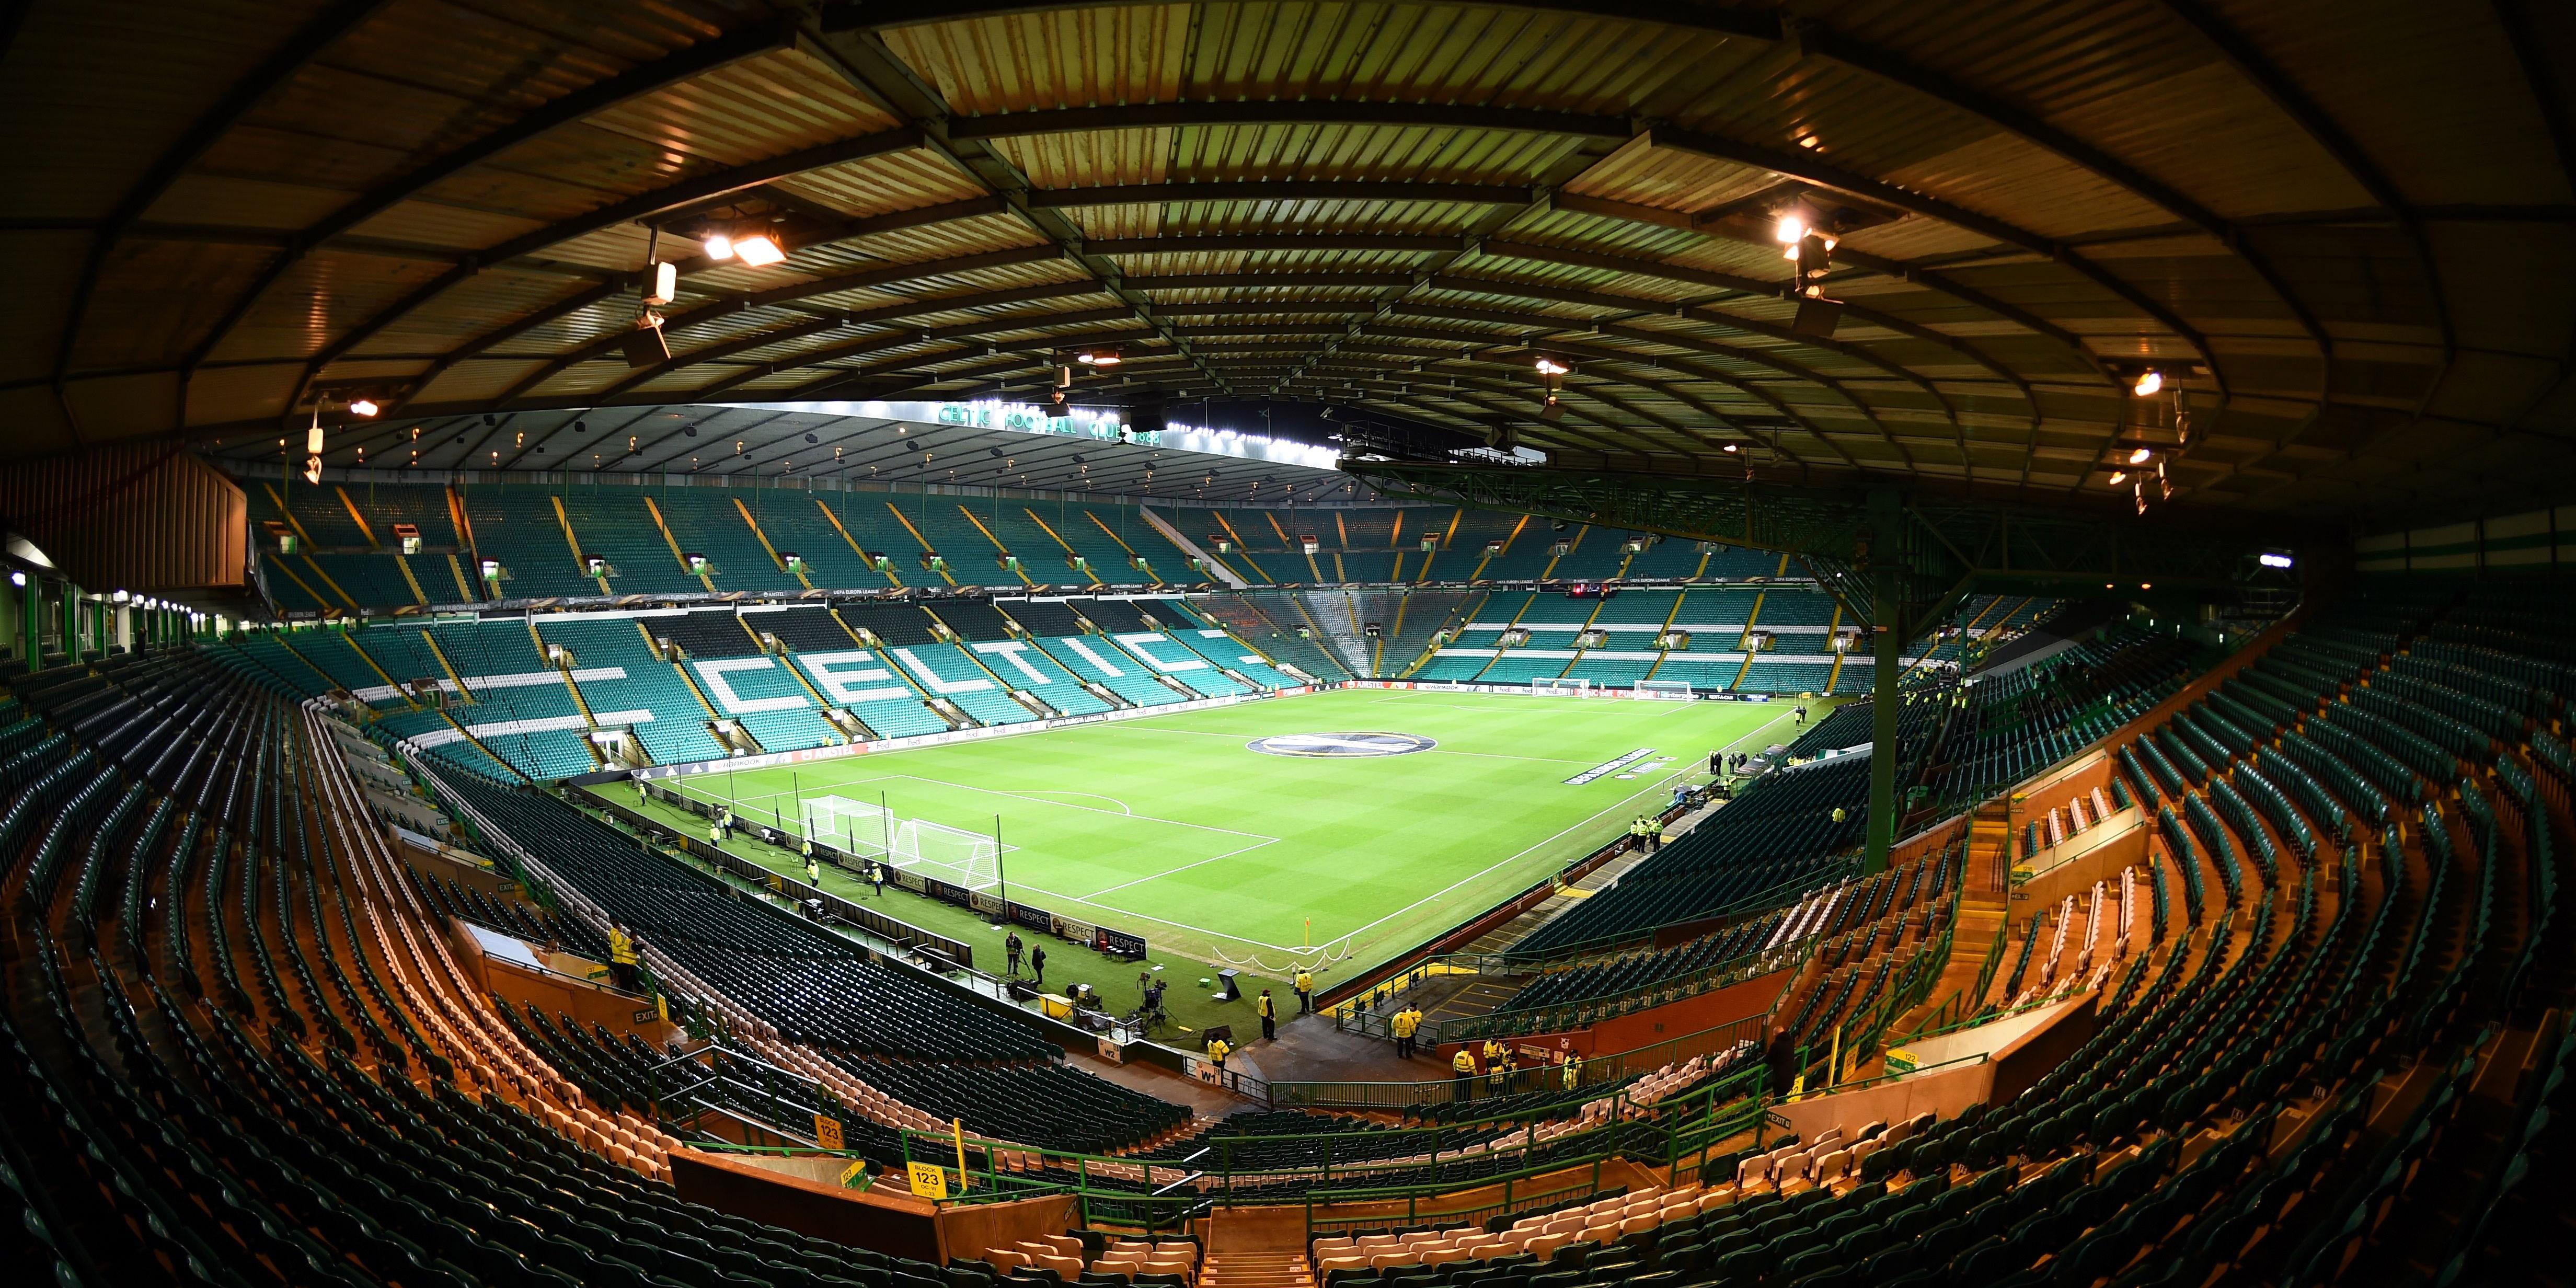 Celtic Park